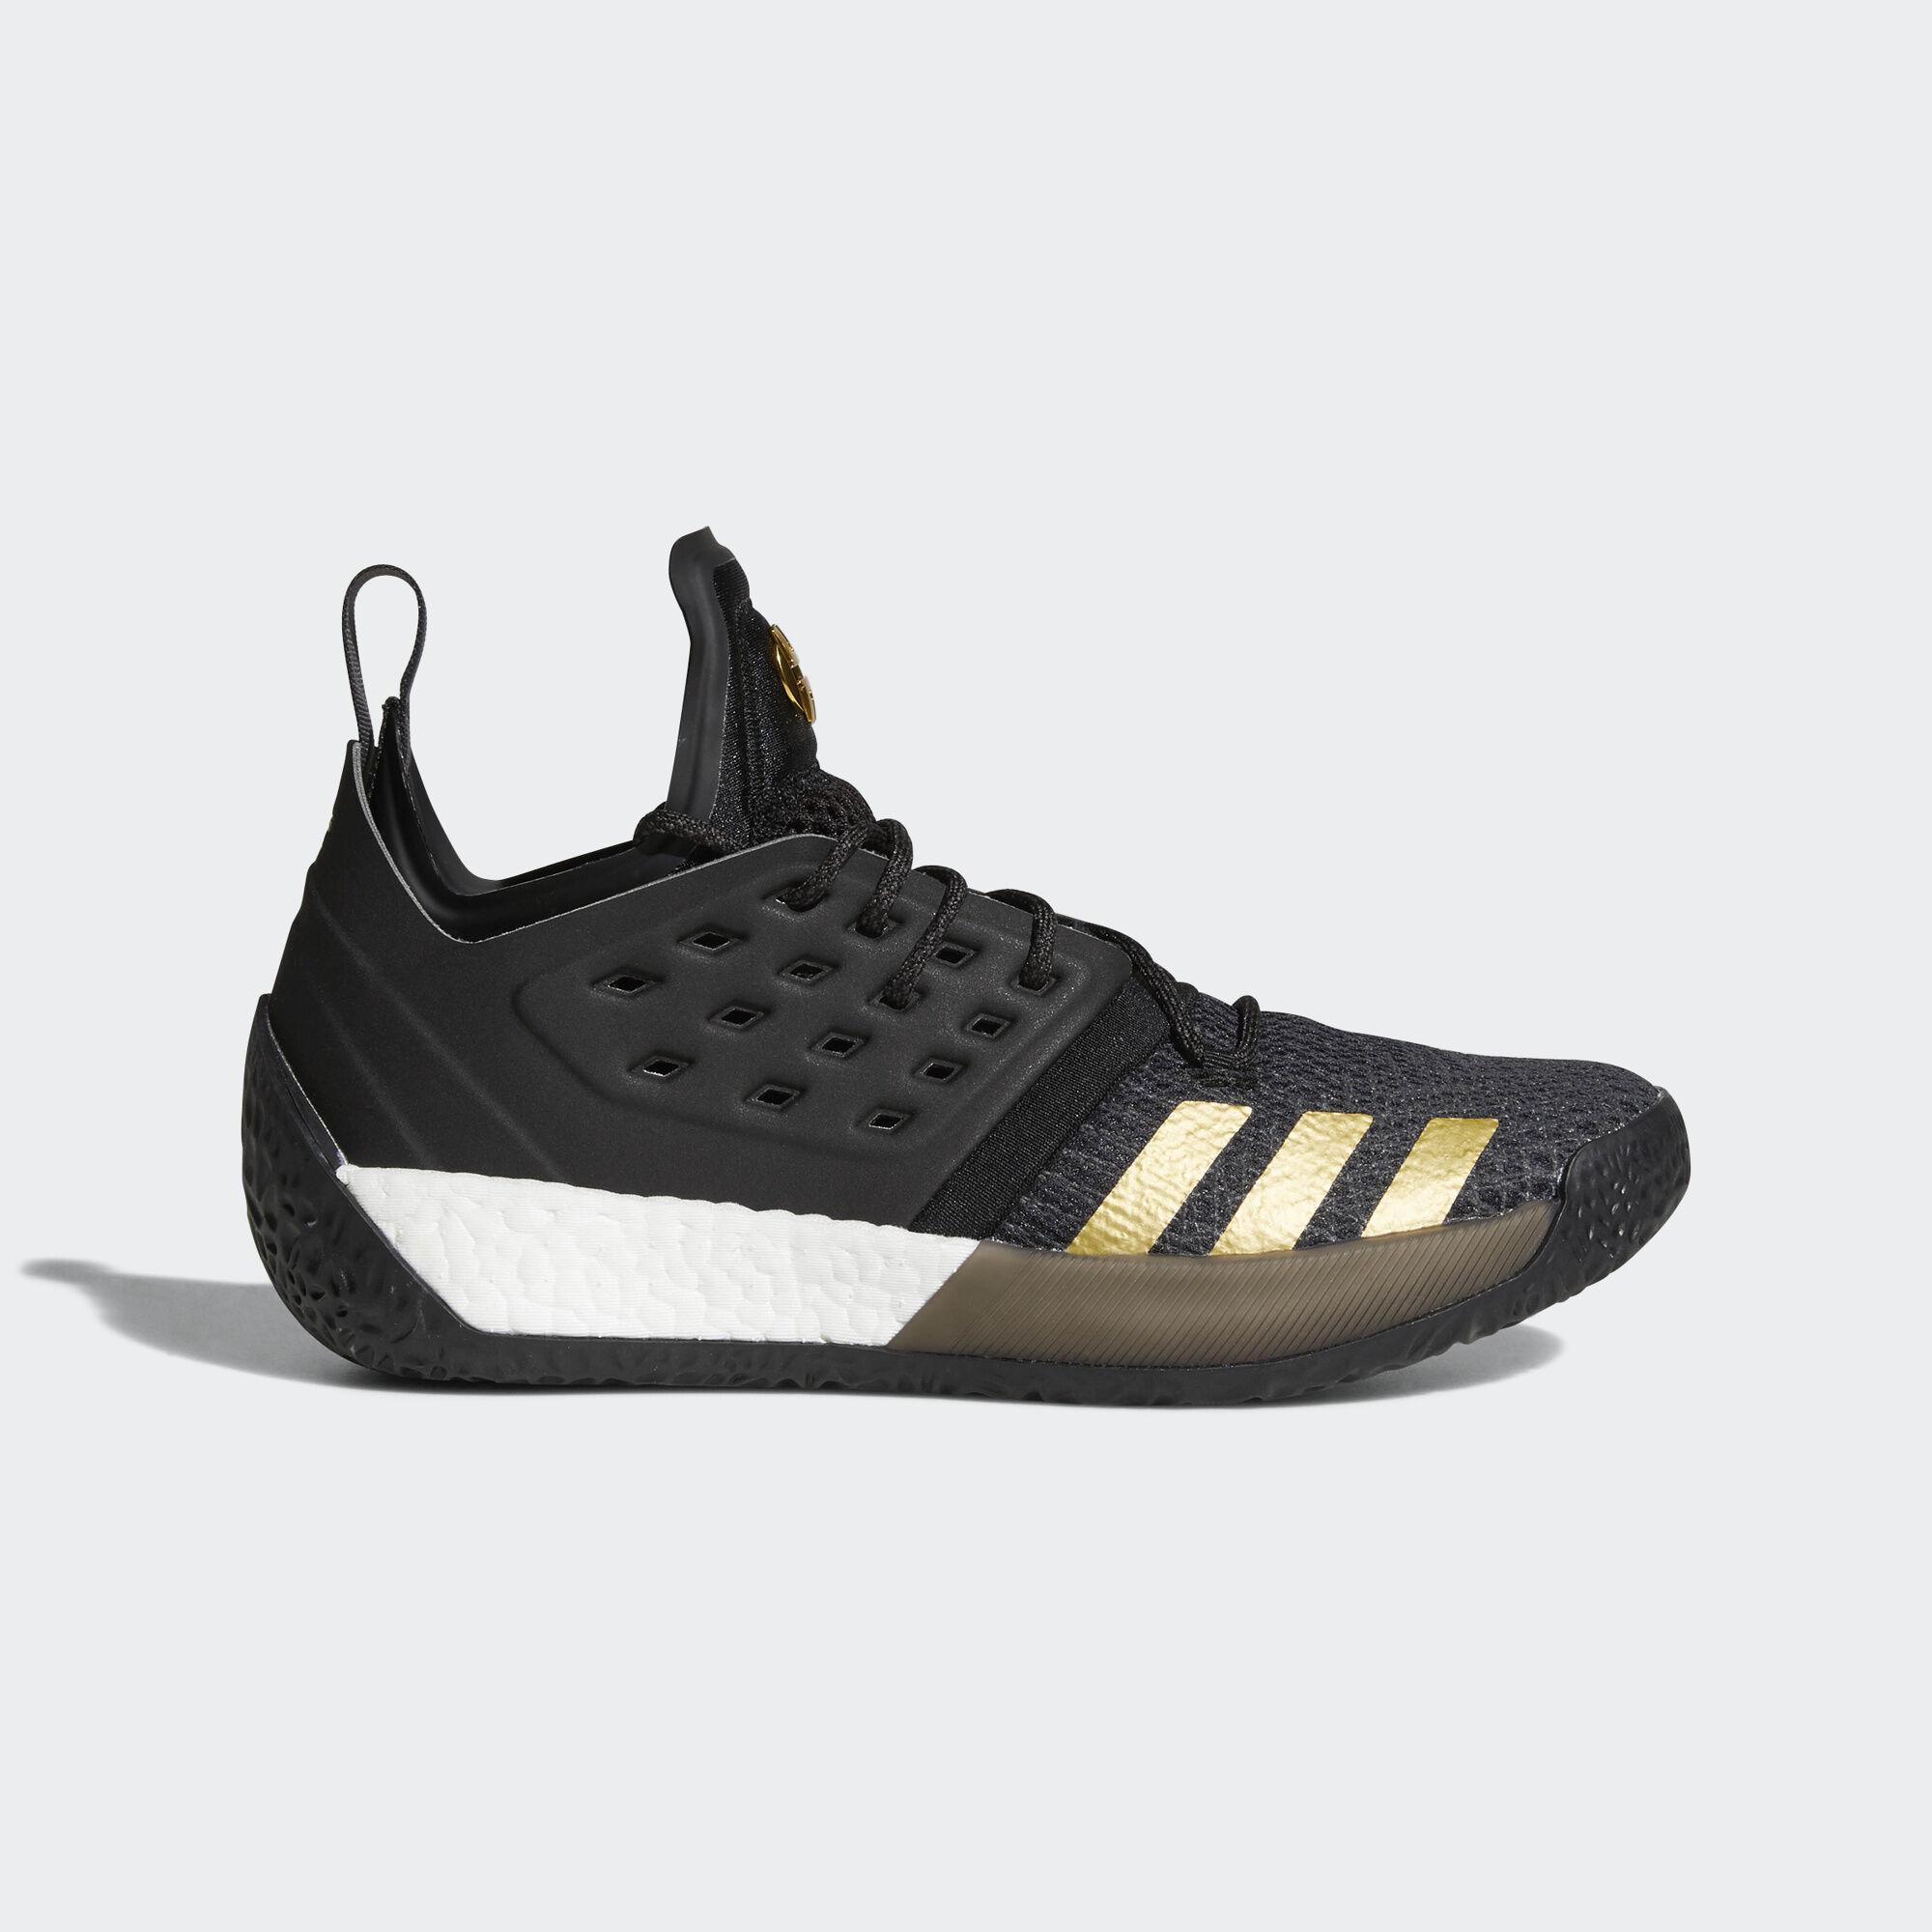 Gola Rey VX - Entrenamiento de Fútbol de Sintético Hombre Zapatilla Harden Vol. 2 adidas Zapatillas de baloncesto CrocsNorlin Canvas M - Zapatillas Hombre   Zapatillas para Hombre  Talla 44 amazon-shoes el-negro Cuero bu99aYs